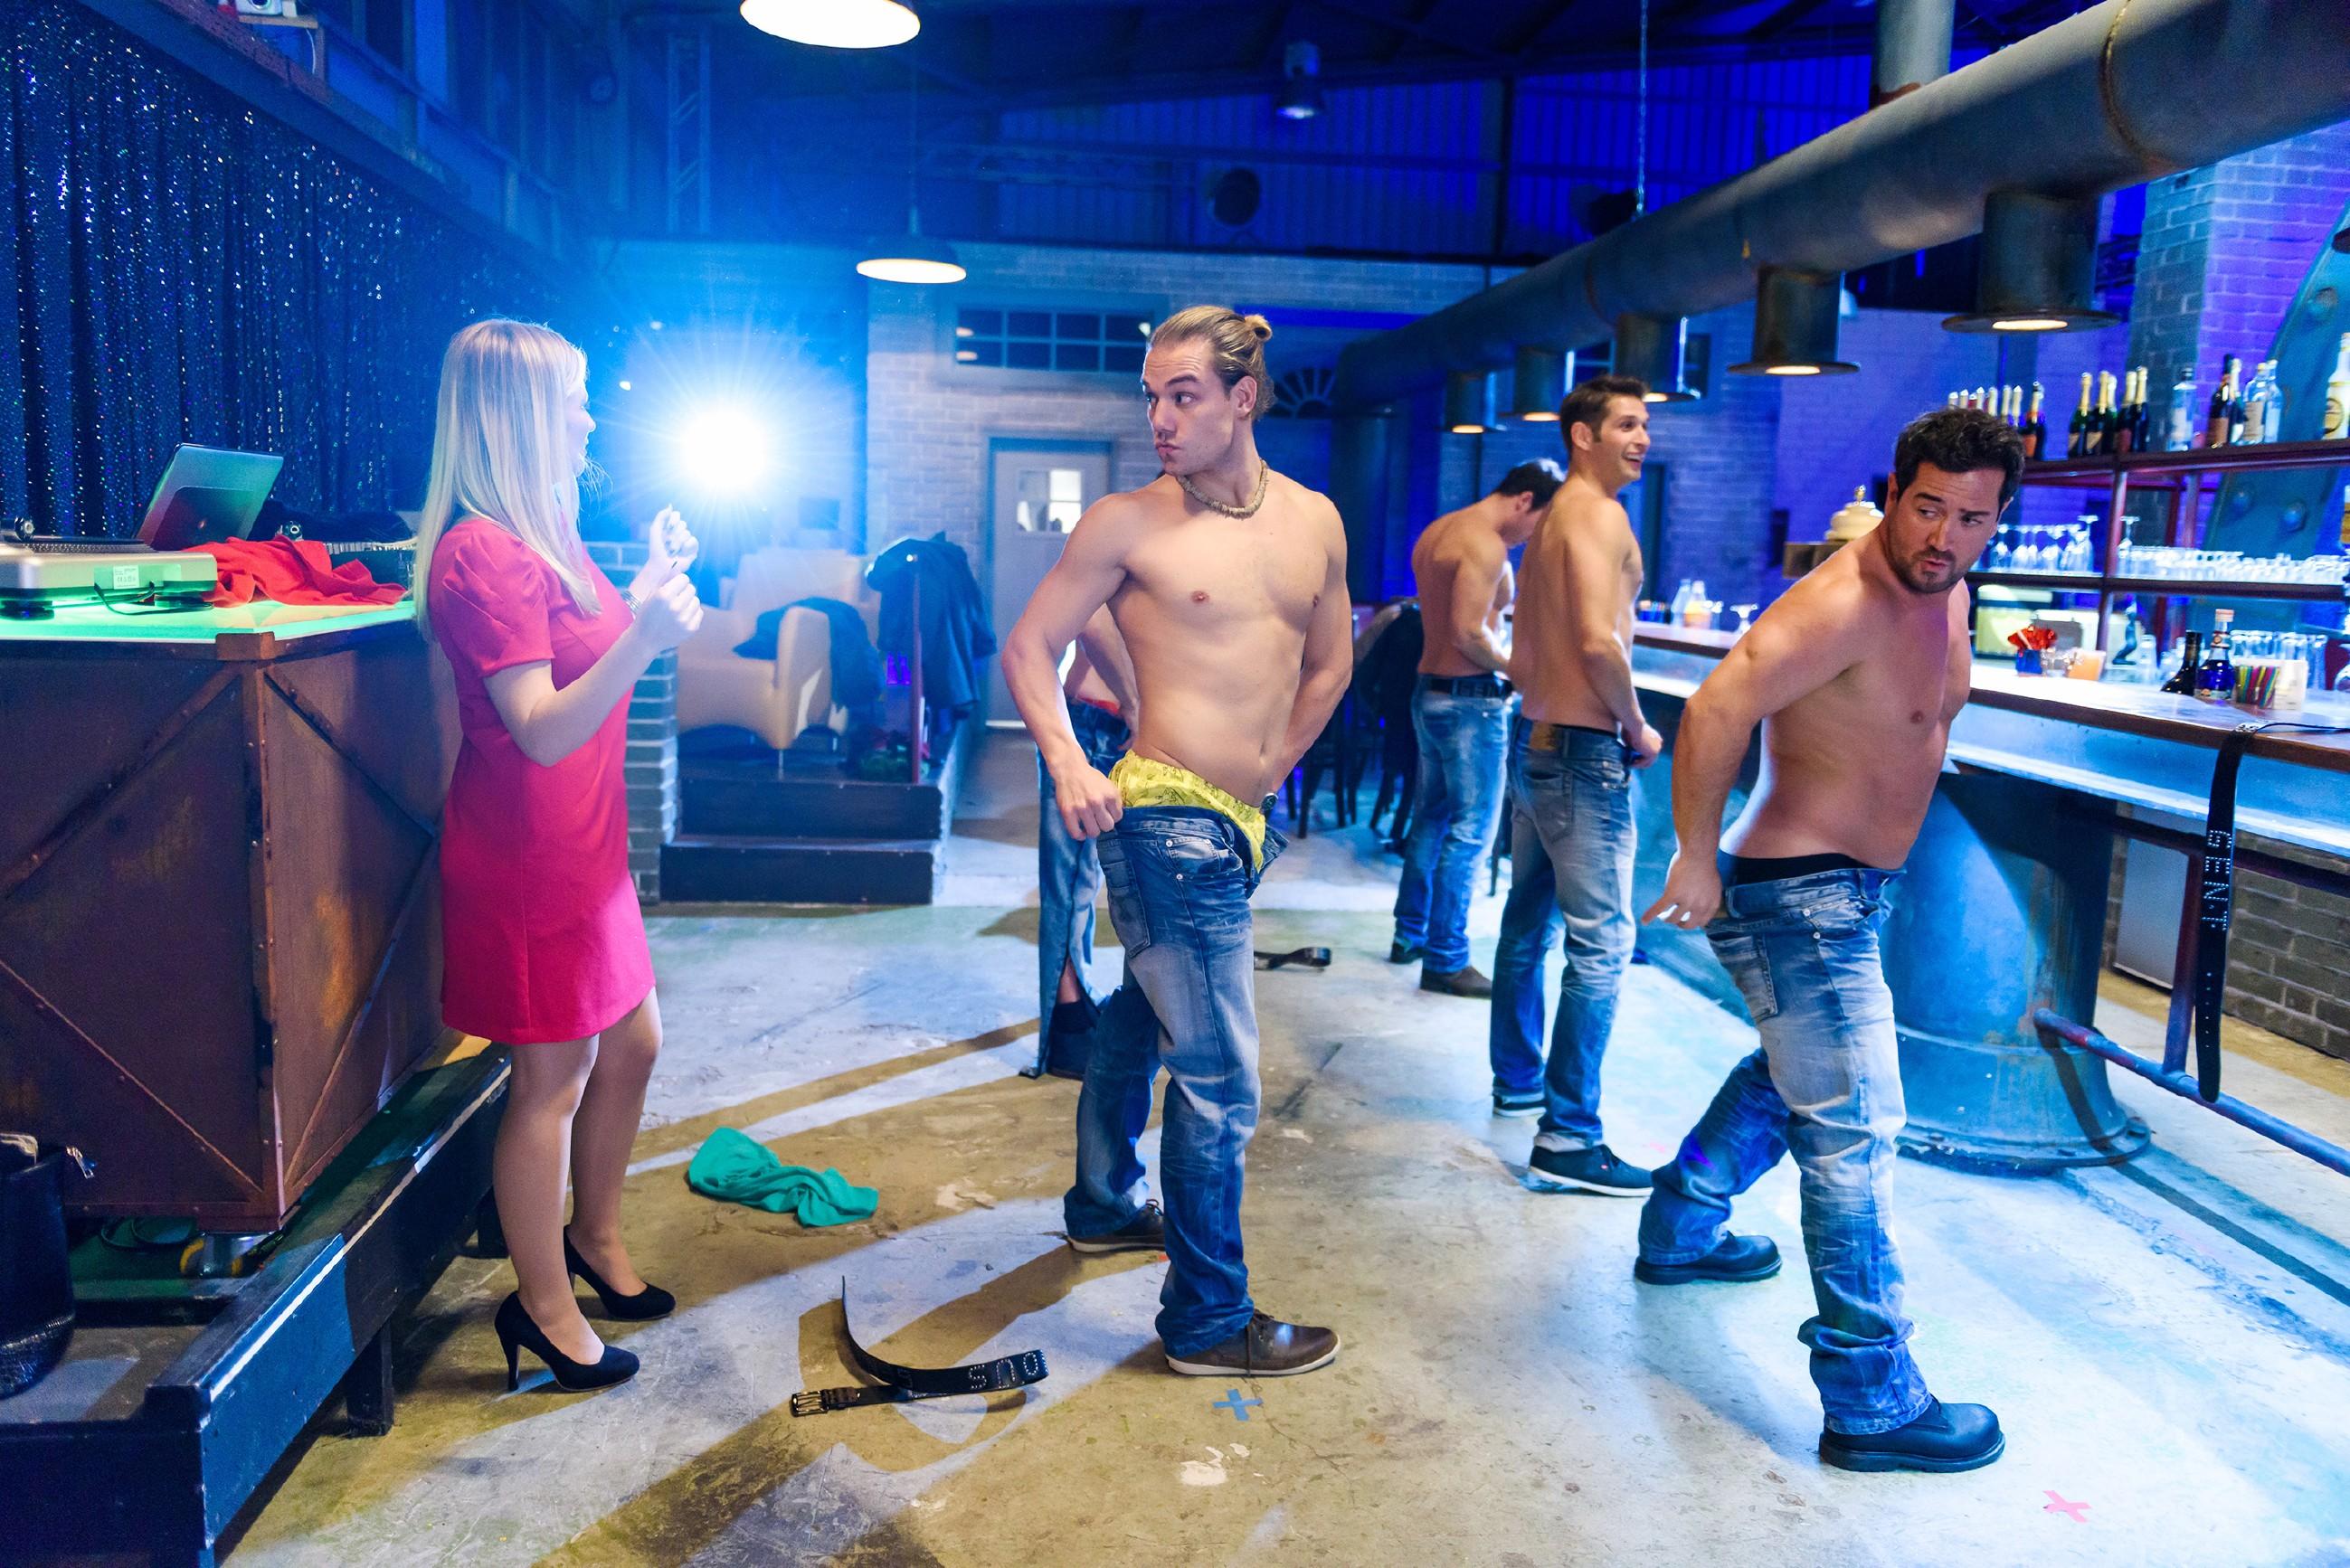 Unter der Anweisung von (v.l.) Isabelle (Ania Niedieck) trainieren Leo (Julian Bayer), Ben (Jörg Rohde), Deniz (Igor Dolgatschew) und Marian (Sam Eisenstein) im Club für ihre Stripshow. (Quelle: RTL / Willi Weber)